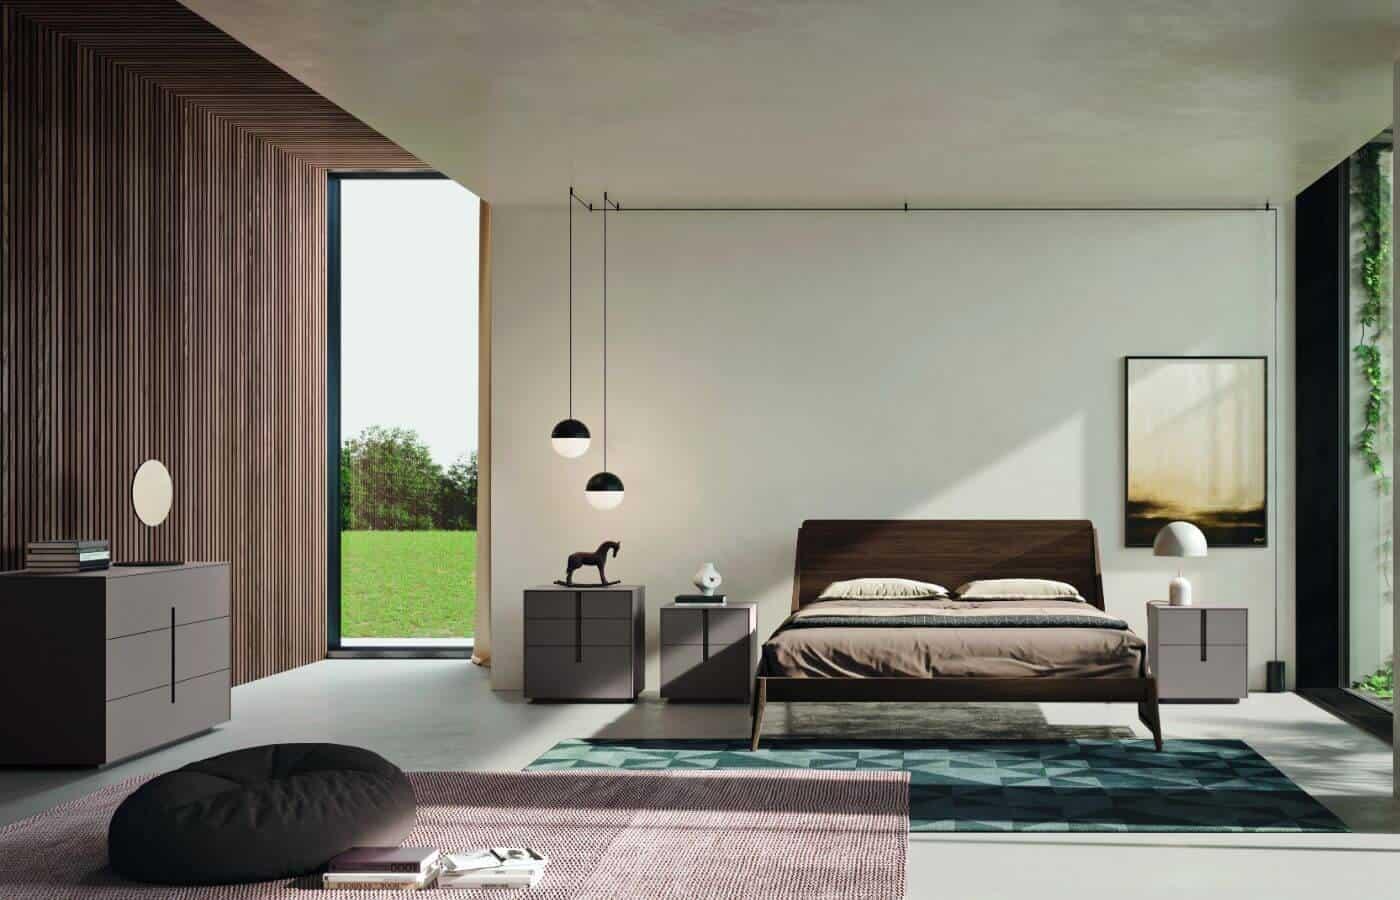 zona-notte-collezione-como-il-mobile1